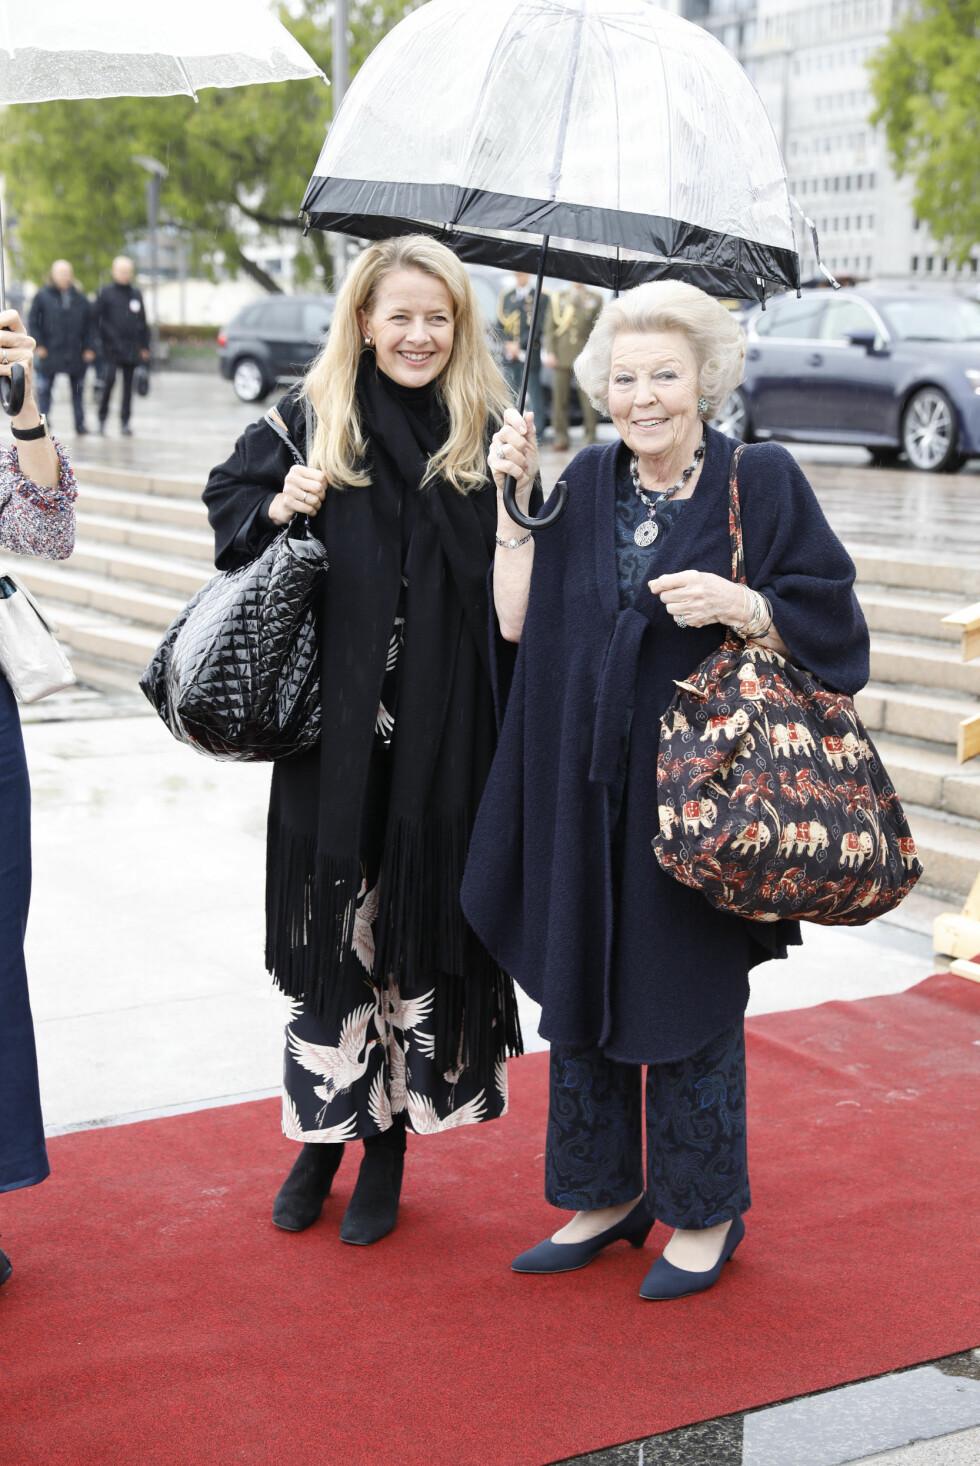 BURSDAGSFEST: Prinsesse Beatrix av Nederland ved avreise fra honnørbrygga i Oslo på tur til lunsj på Kongeskipet Norge onsdag. Foto: Gorm Kallestad / NTB scanpix